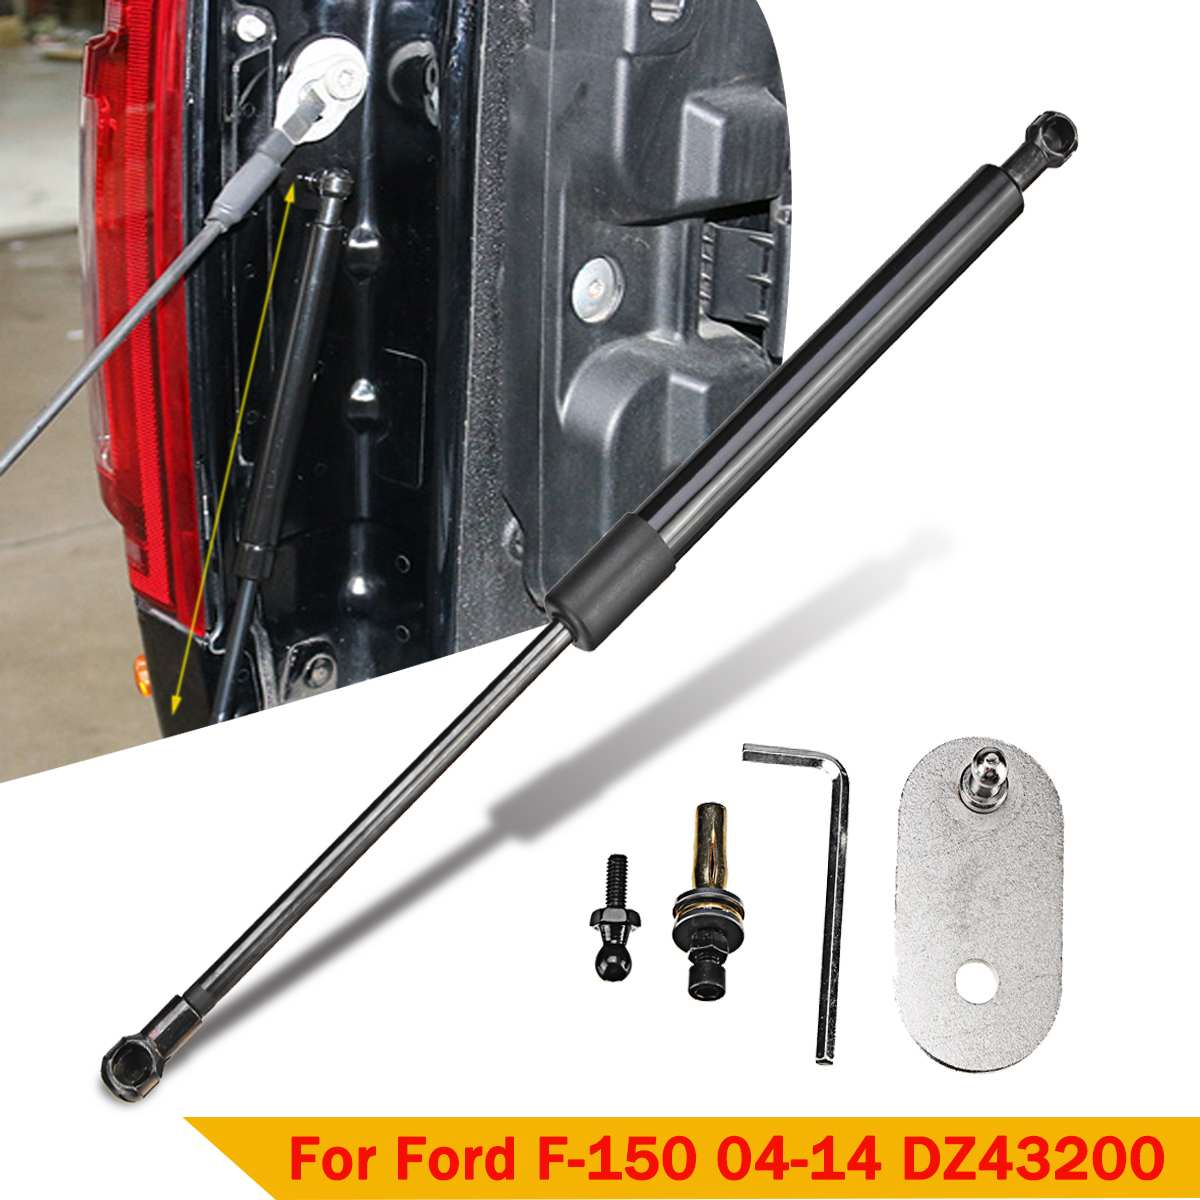 Arka bagaj kapısı hidrolik çubuk şok kaldırma Struts destek kolu çubukları DZ43200 Ford F150 2004 2005 2006 2007 2008 2009-2014